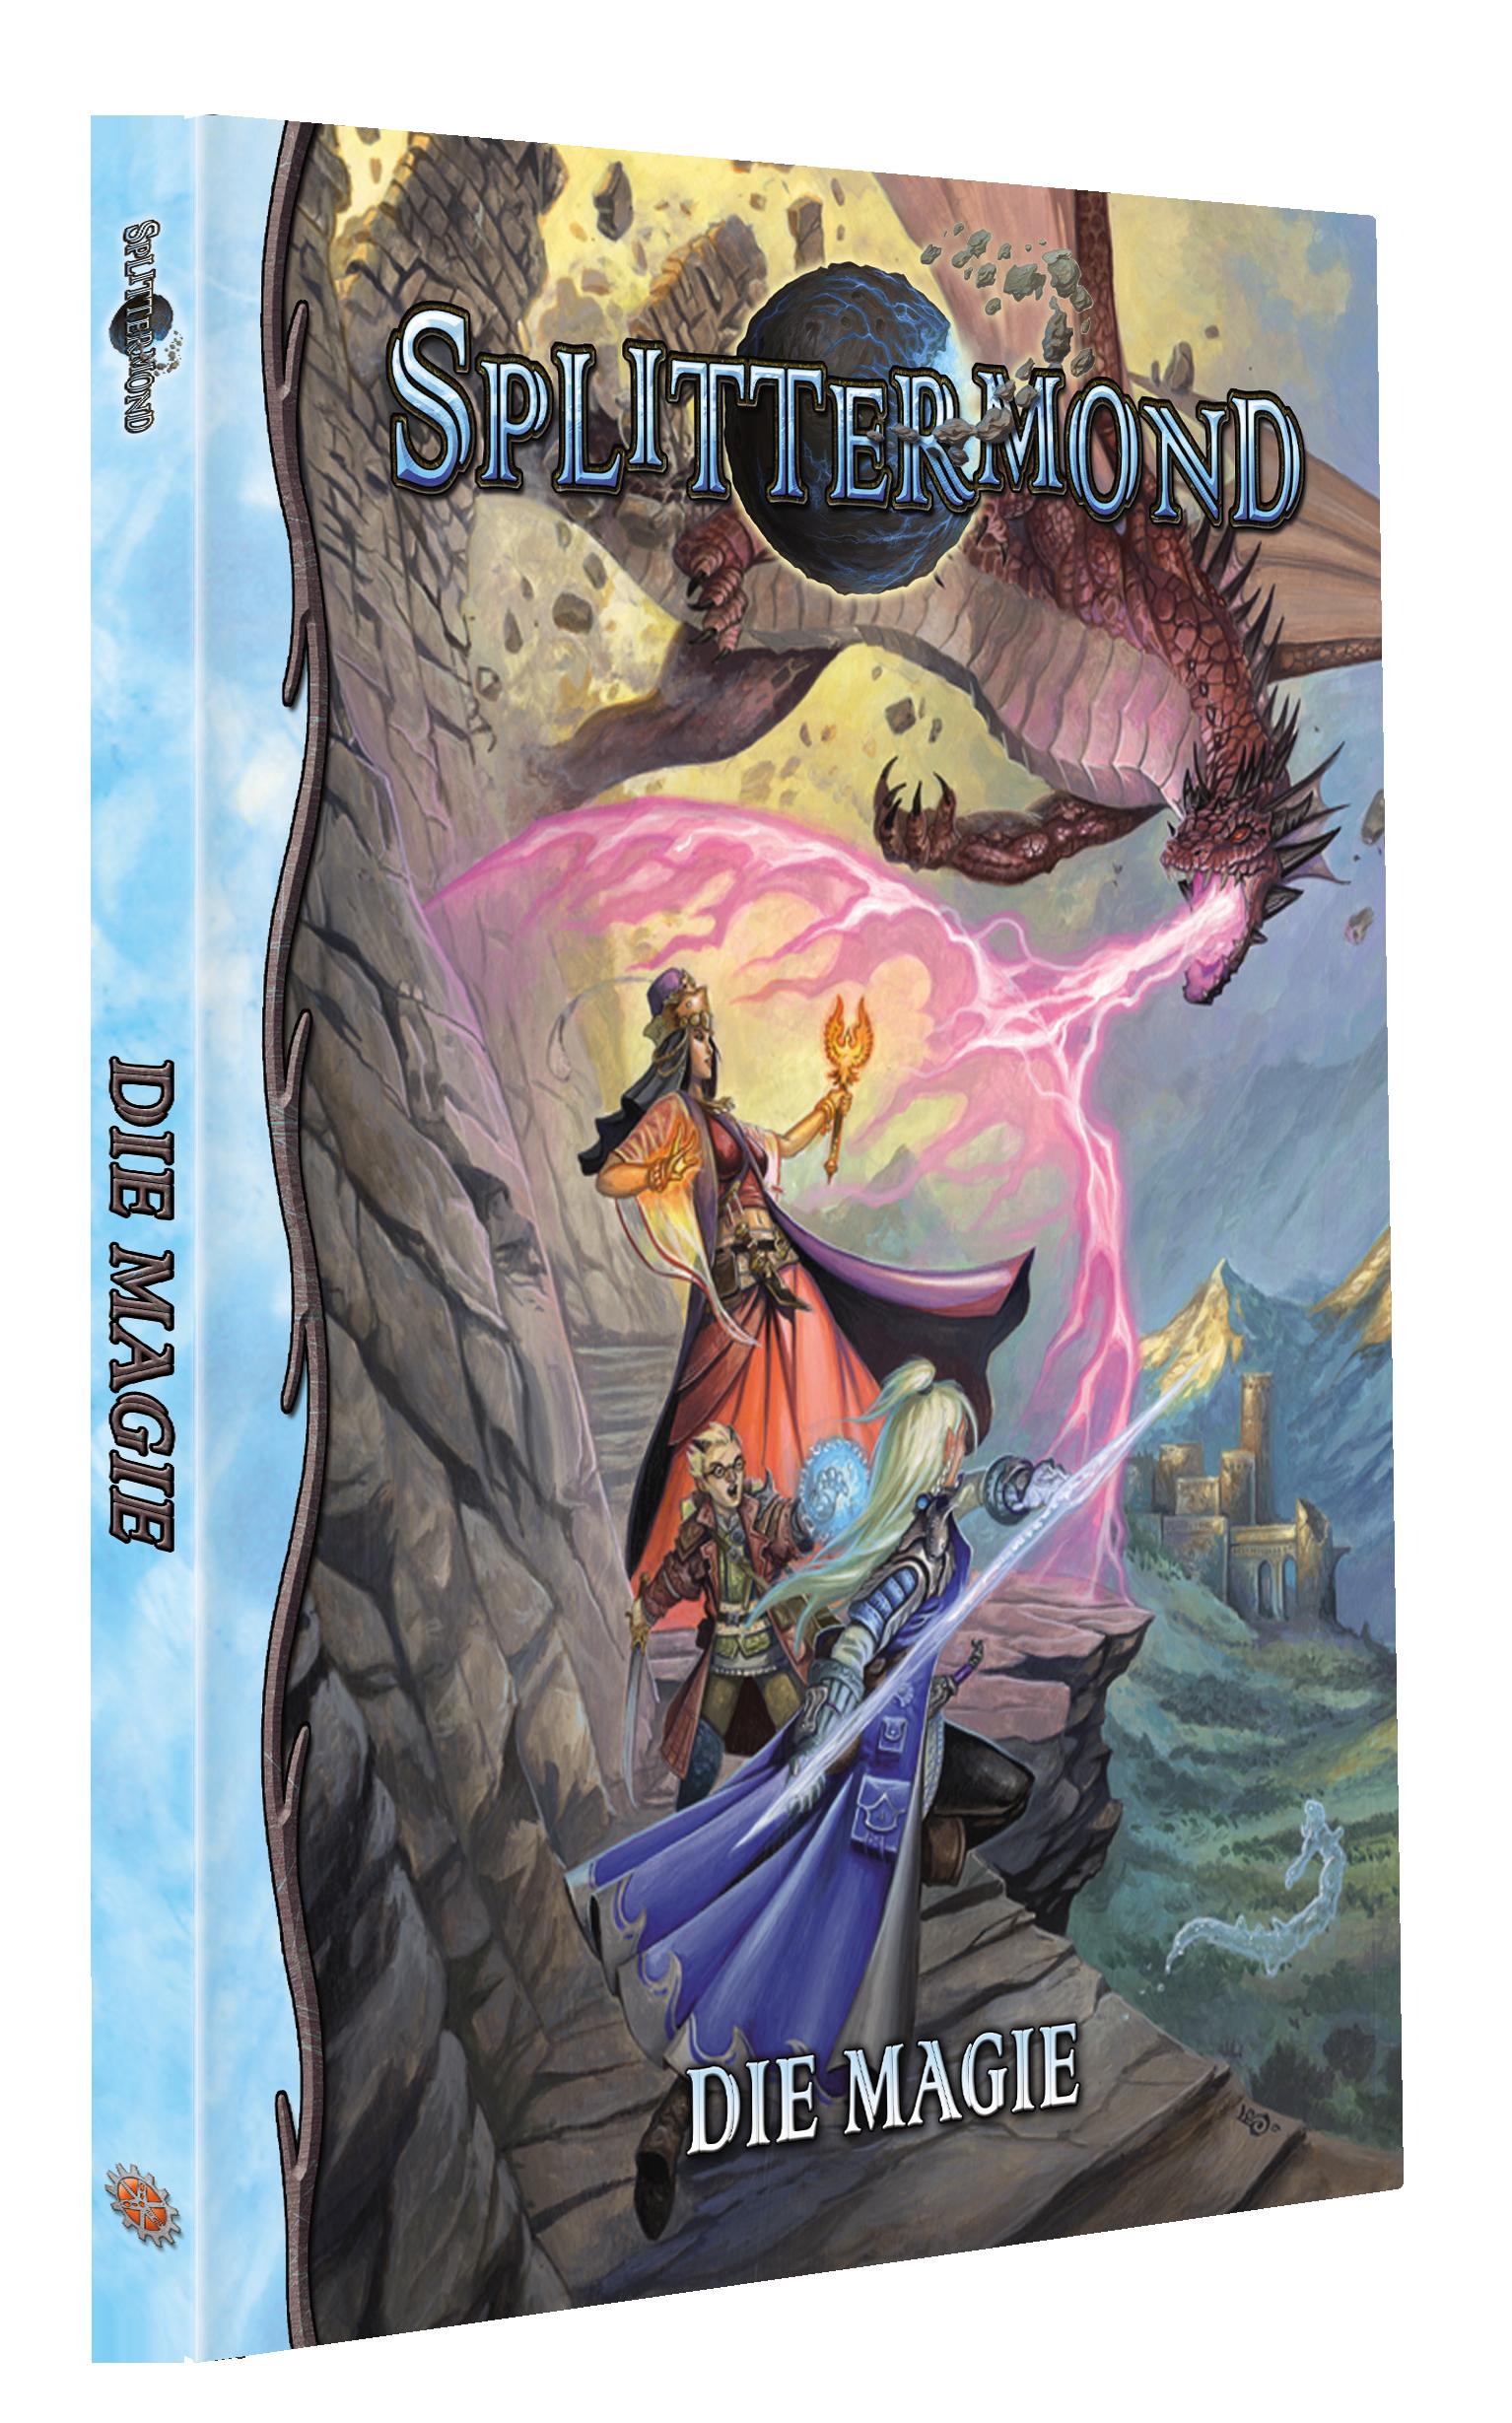 Jetzt zum Vorbestellen: Die Magie & Die Götter als Taschenbuch-Ausgaben